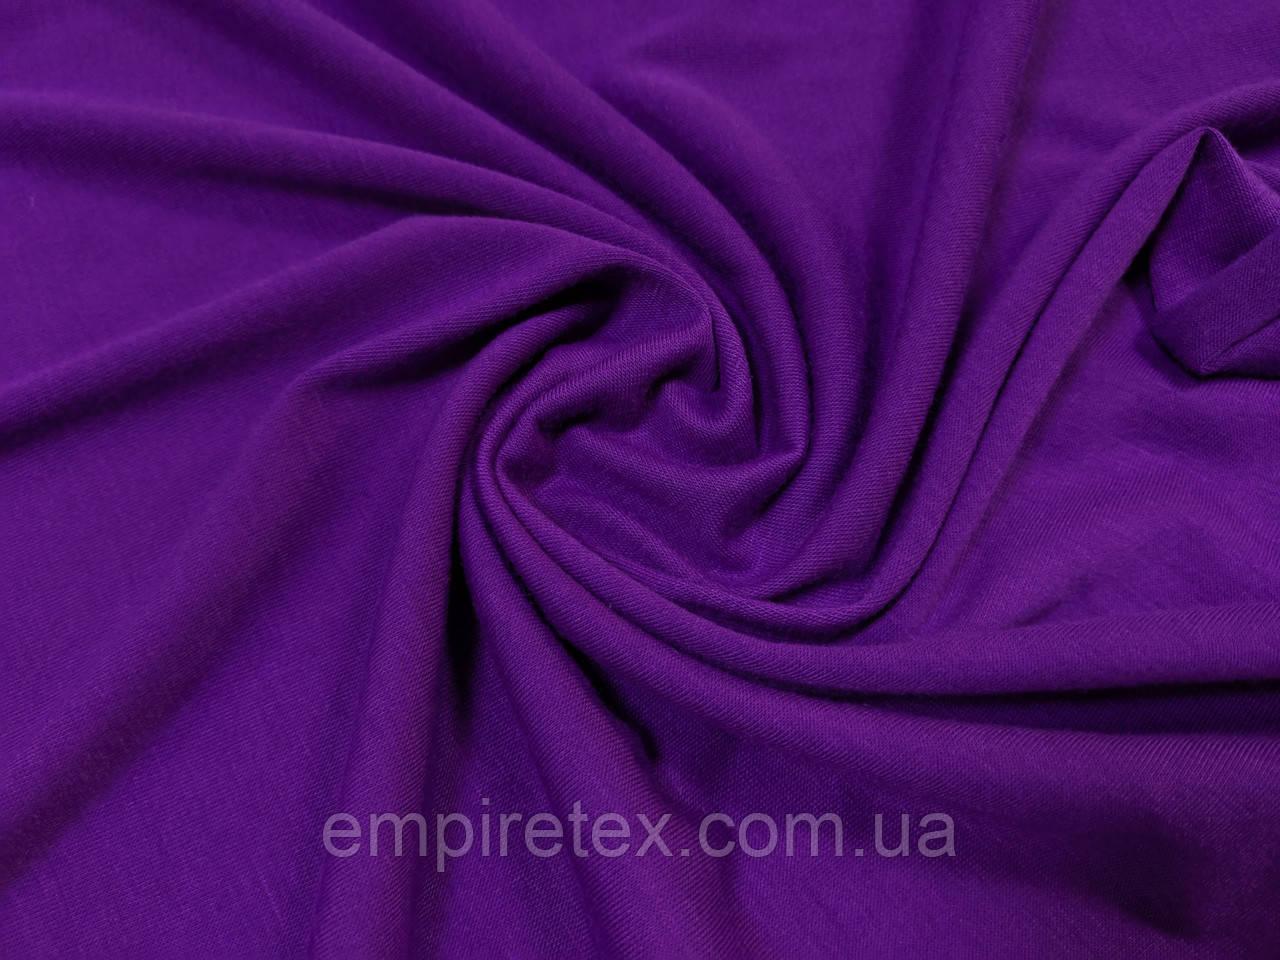 Вискоза Фиолетовый